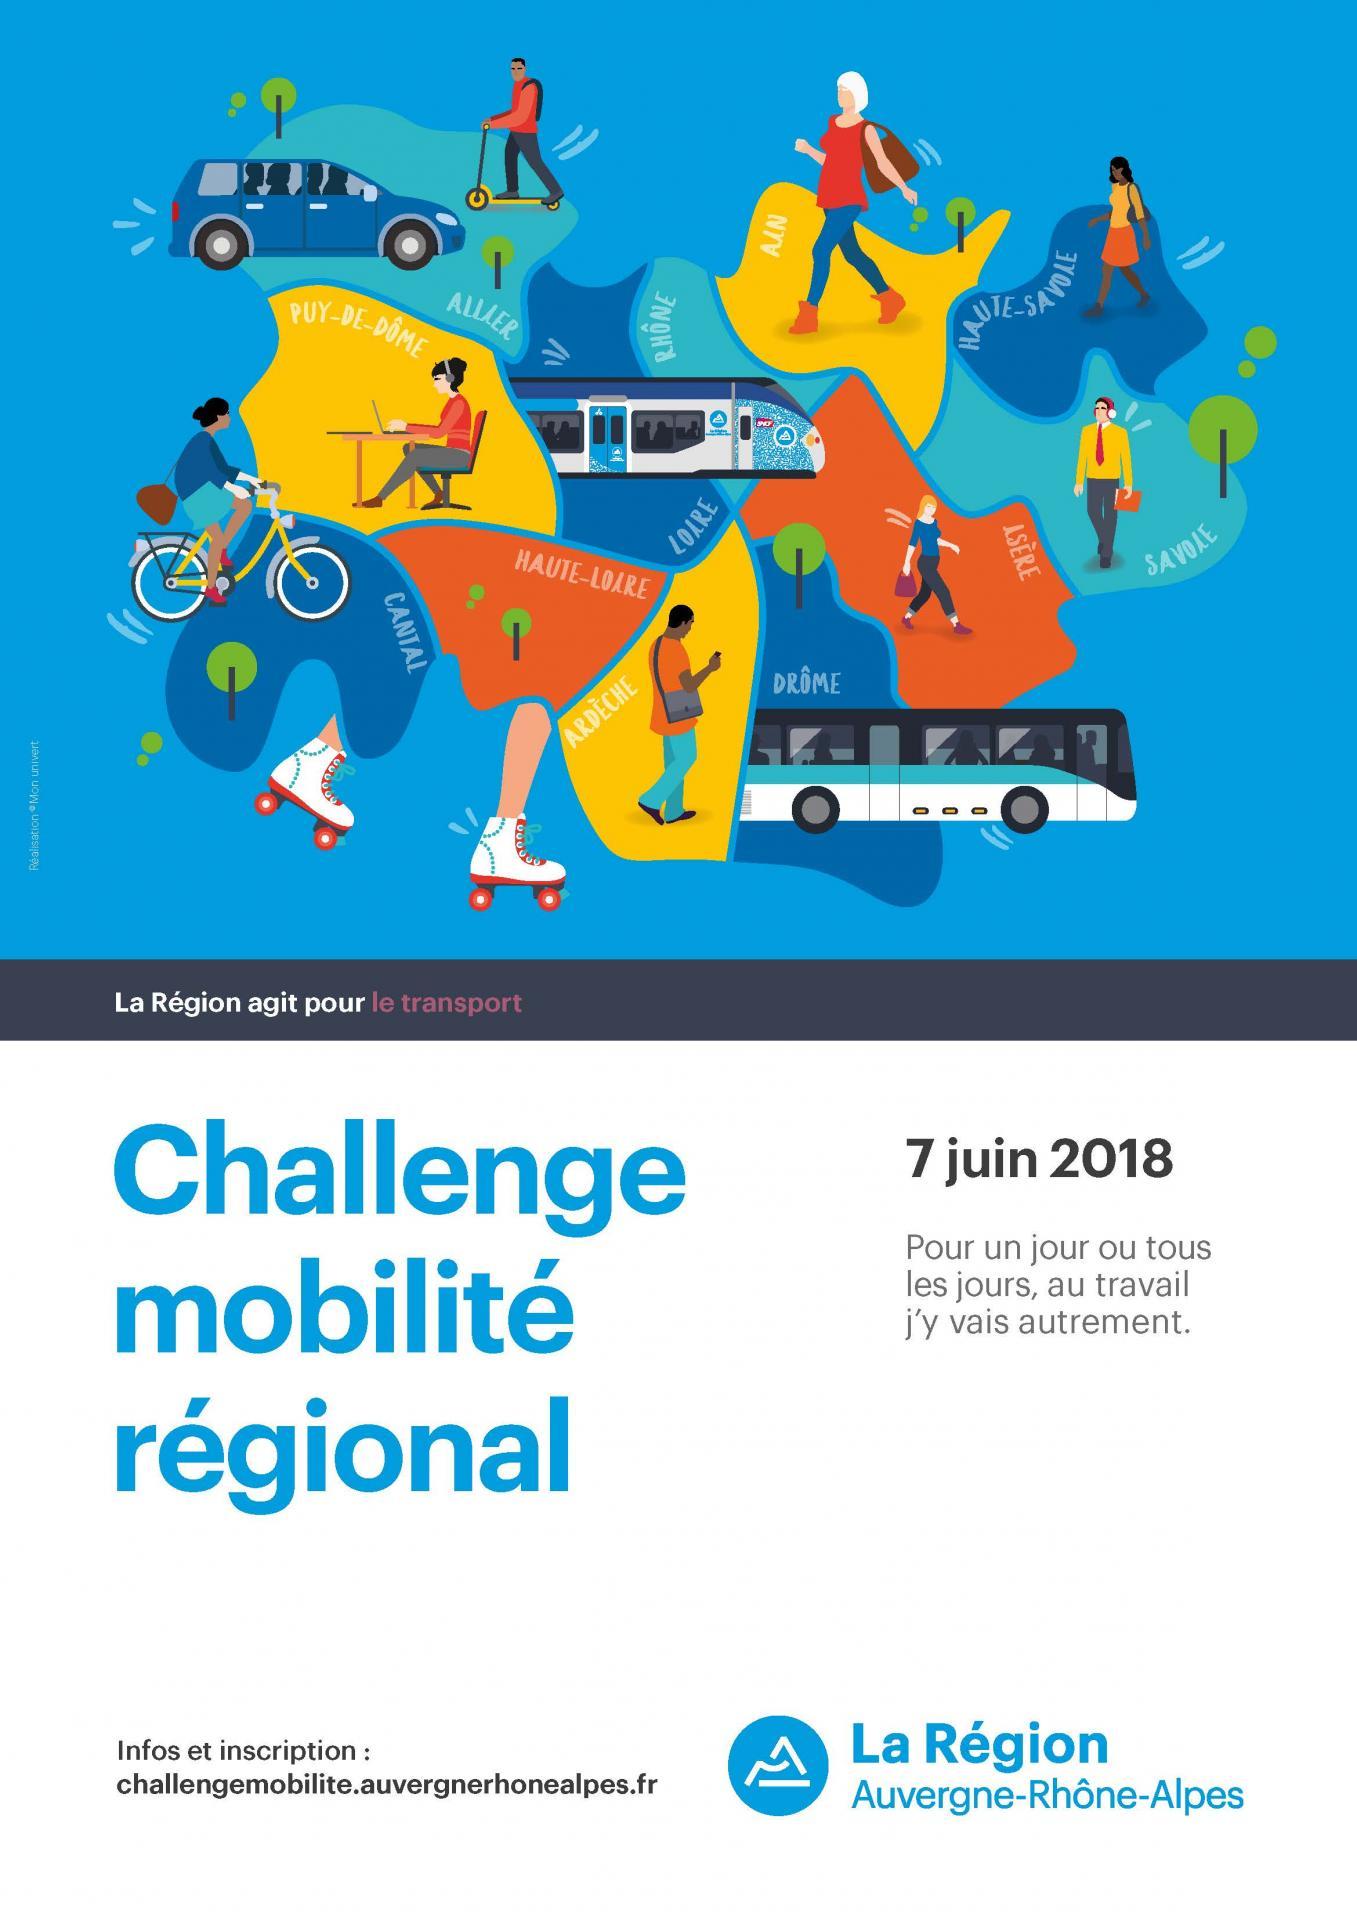 Joseph Martin reconduit sa participation au Challenge Mobilité Auvergne-Rhône-Alpes